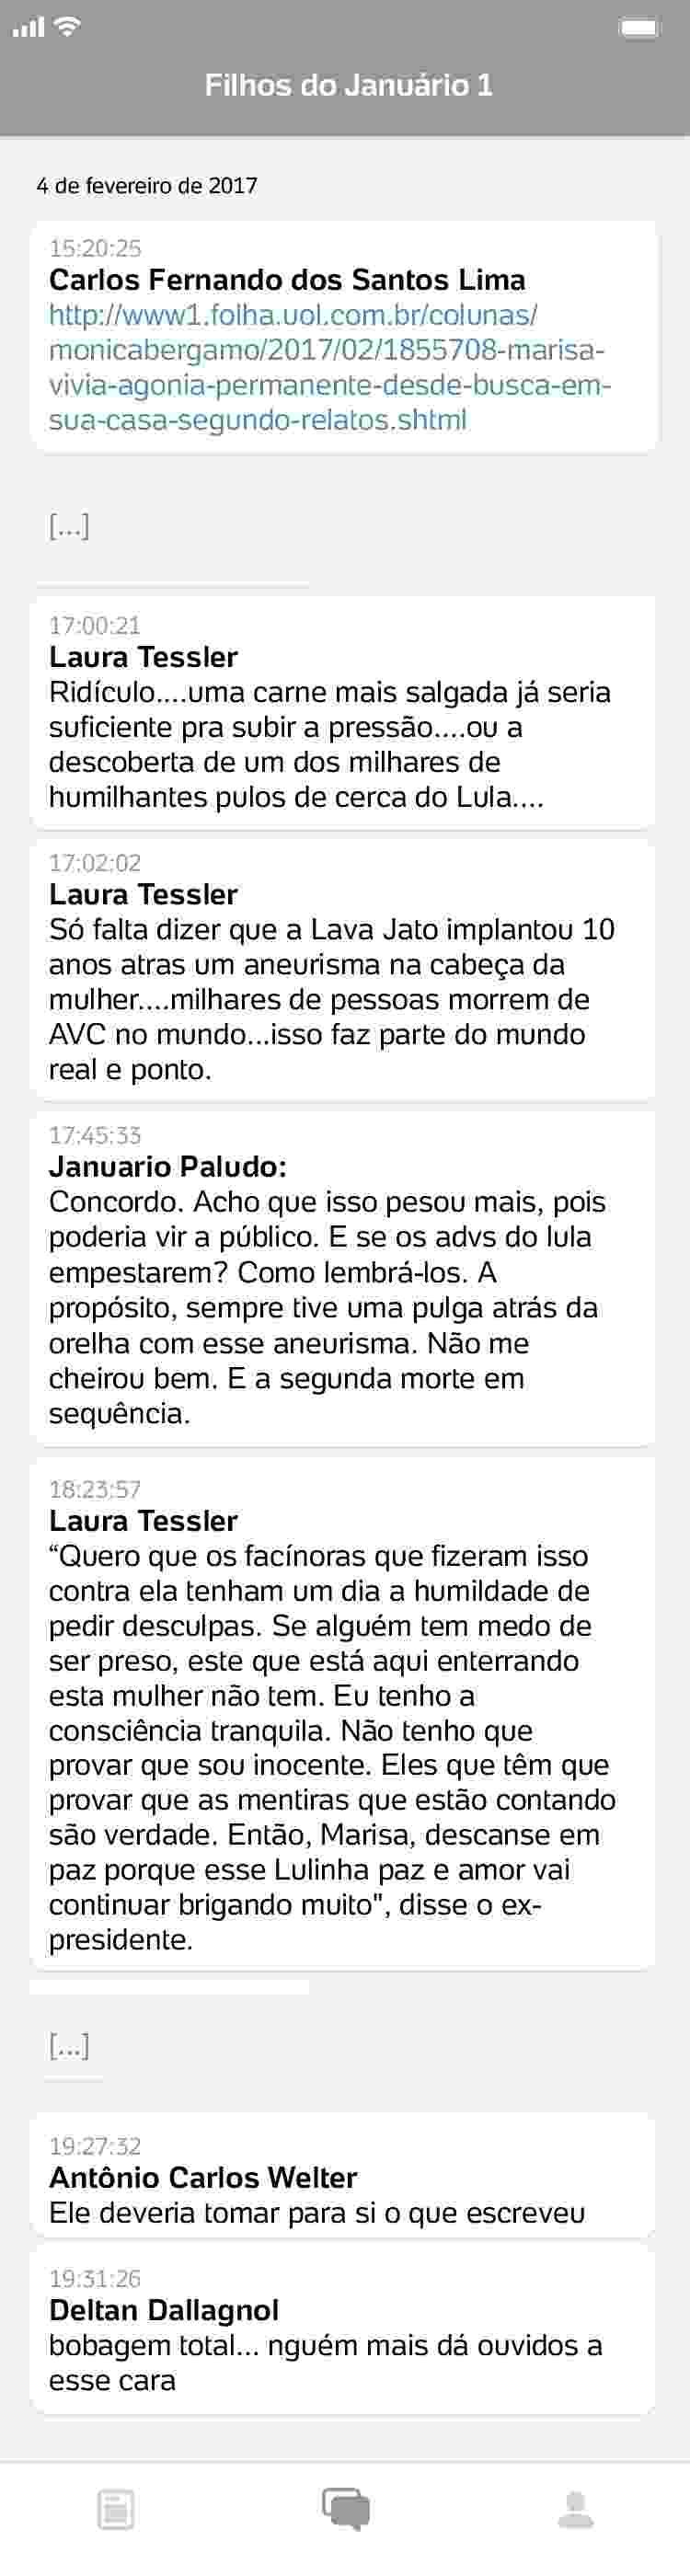 conversa4_750x2800 Procuradores da Lava Jato ironizam morte de Marisa Letícia e luto de Lula